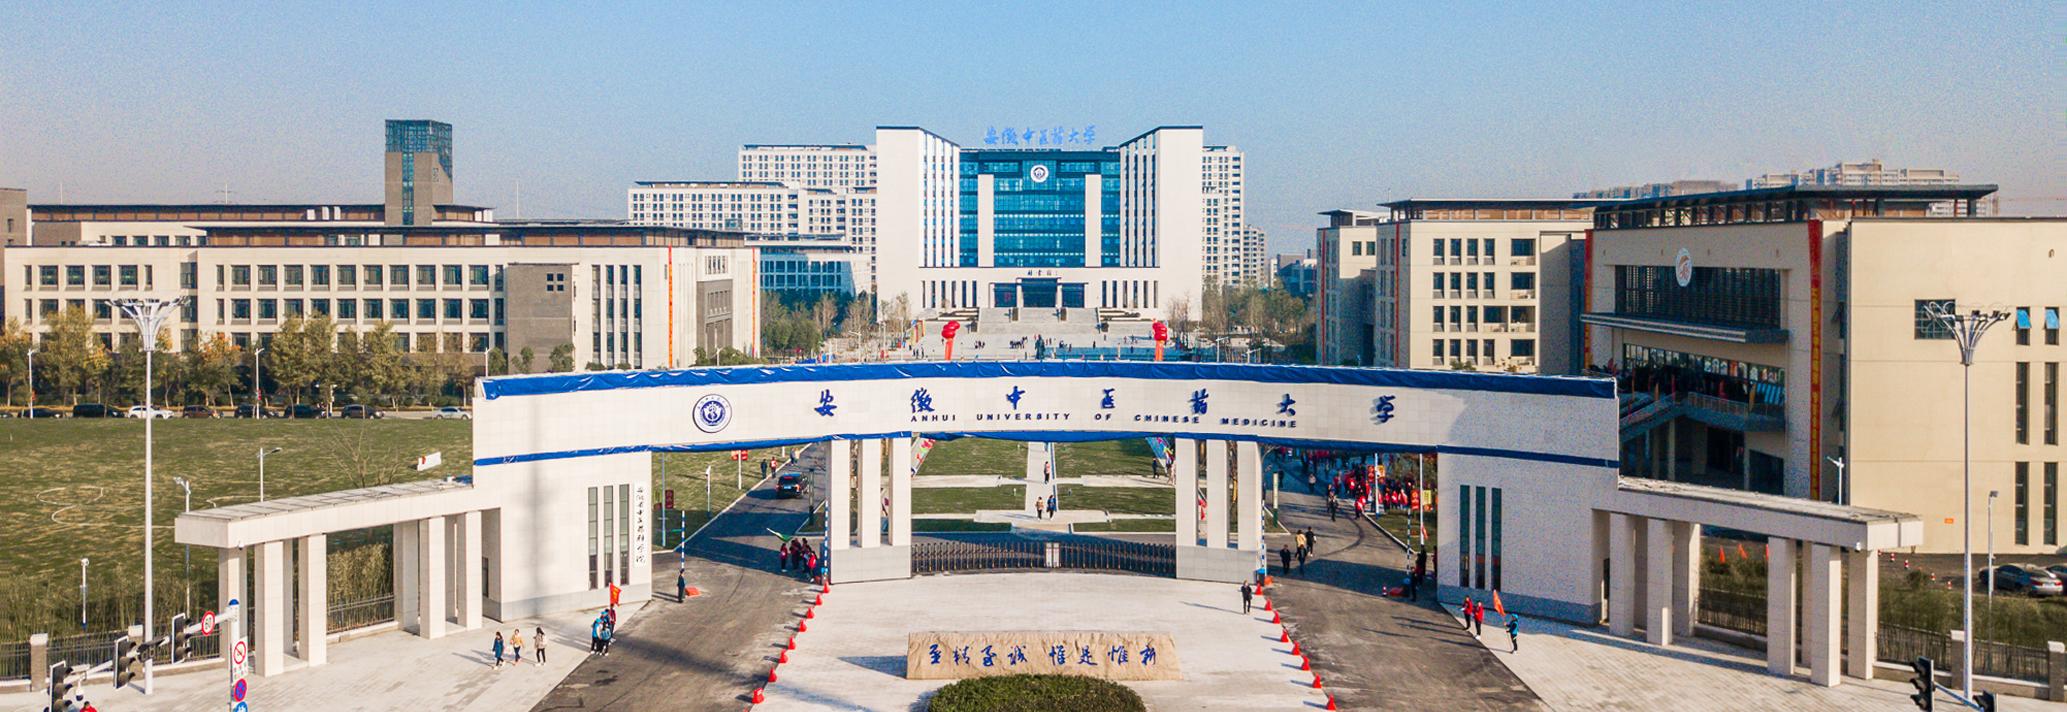 2020年合肥安徽中医药大学教师招聘公告